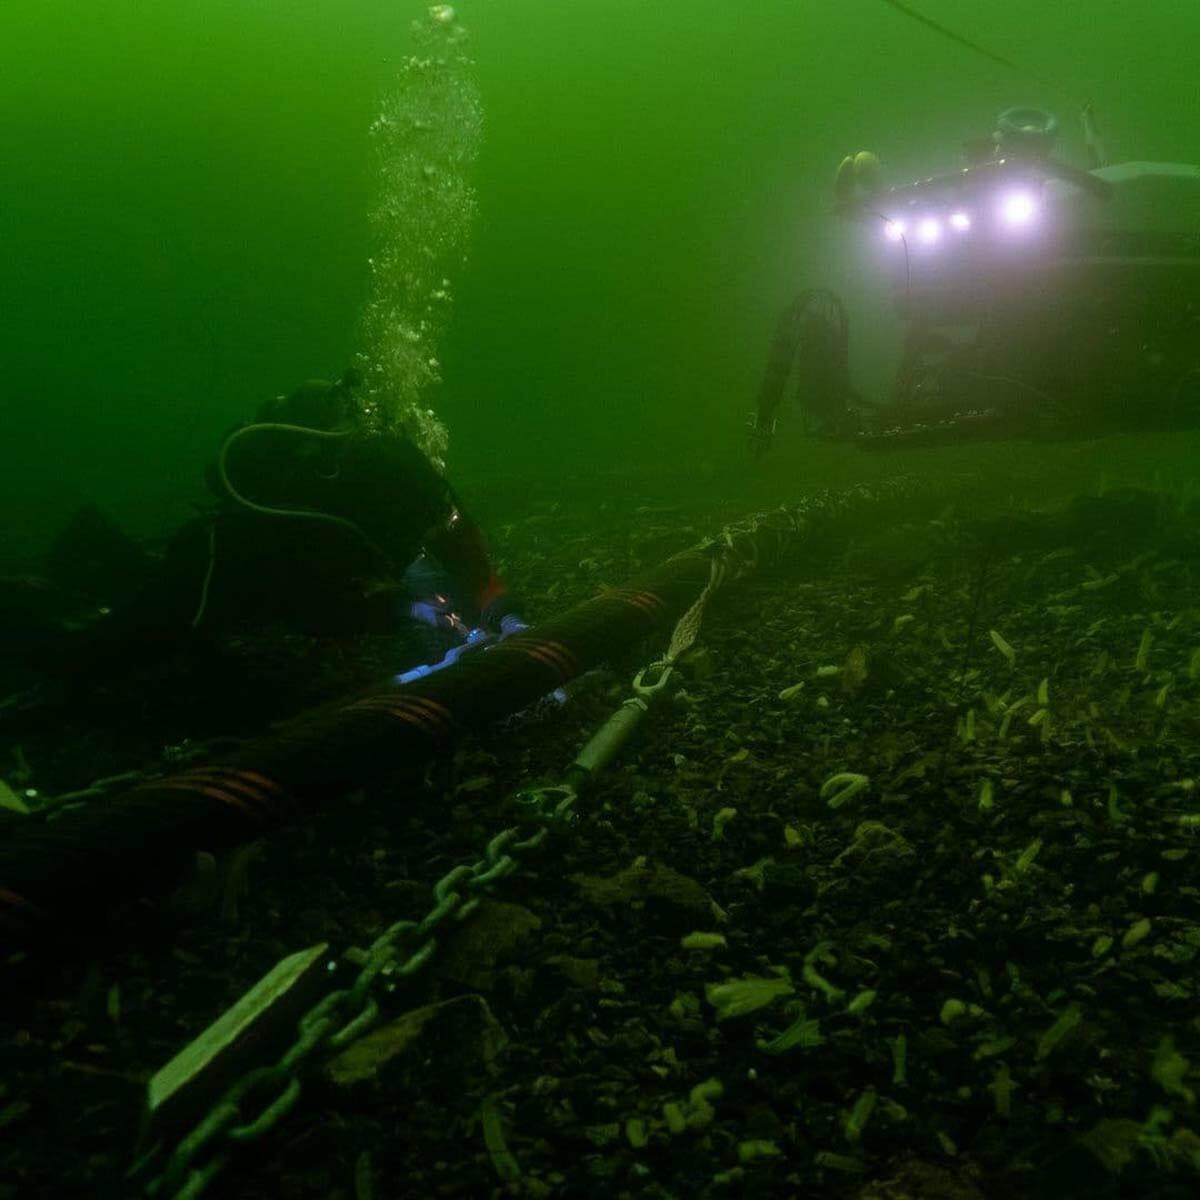 معرفی کابل زیر دریایی (Subsea Cable)+فیلم